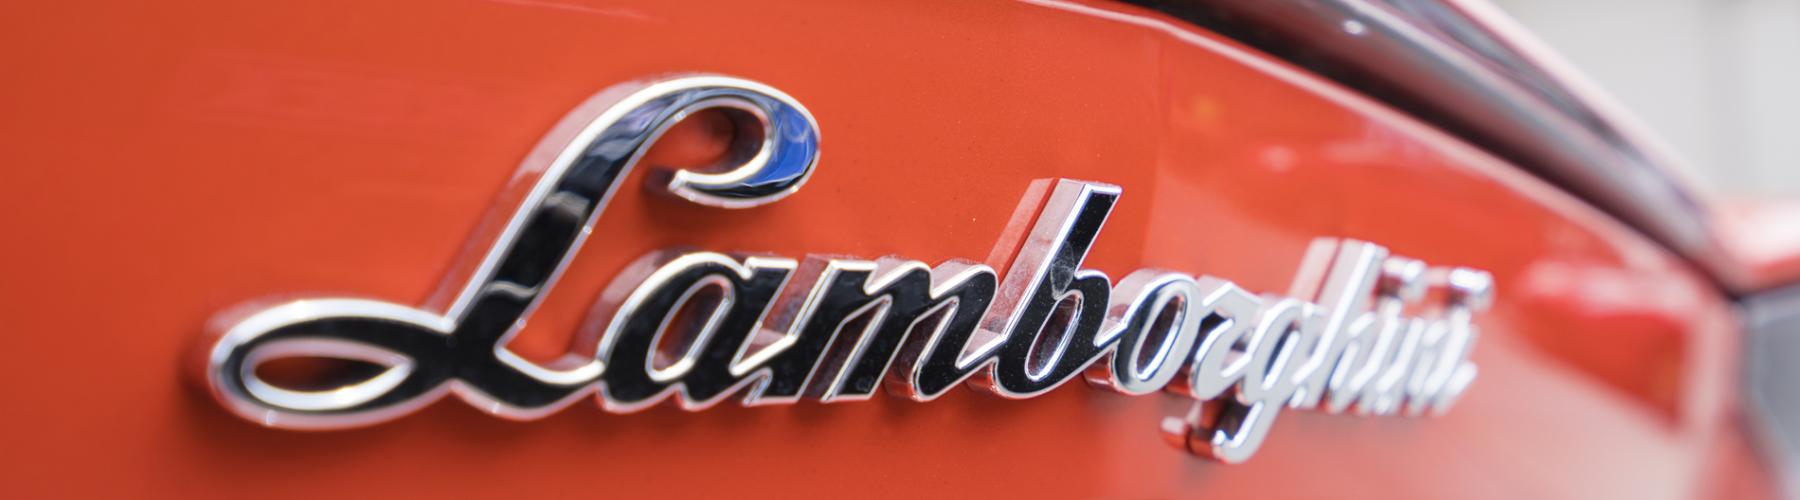 lambo-red